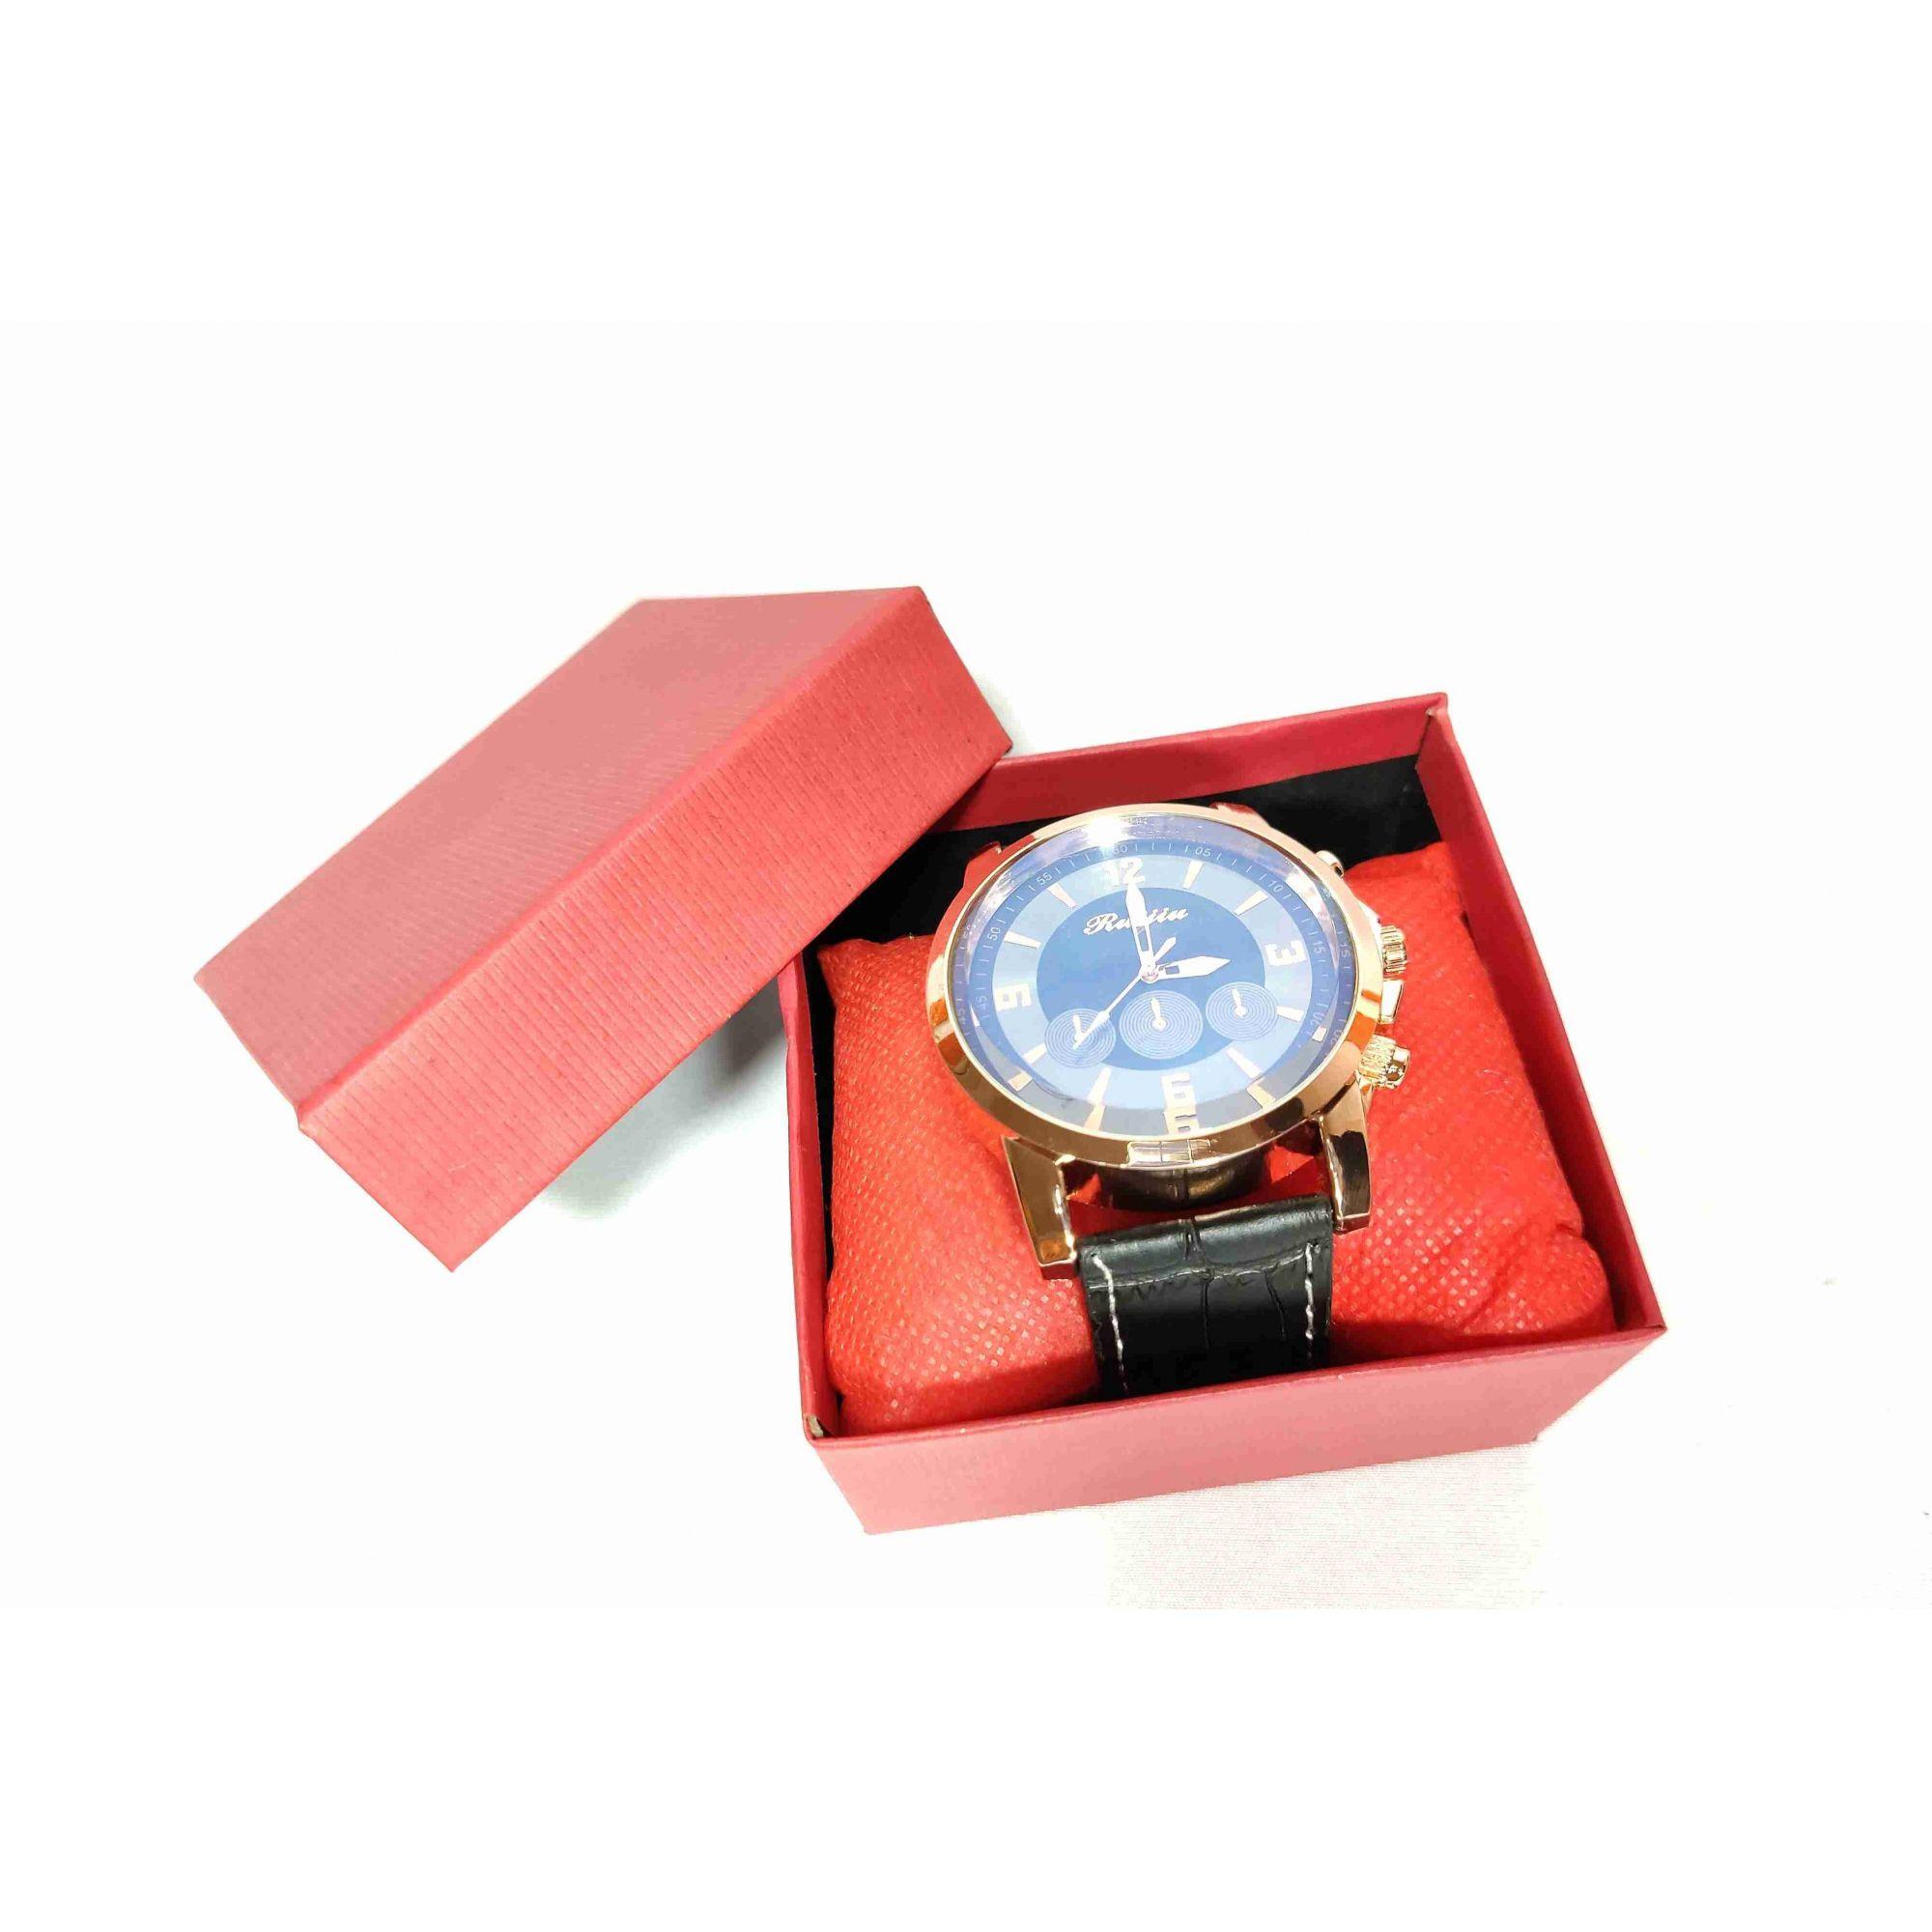 Relógio Masculino Retro Dourado Quartz Pulseira de Couro